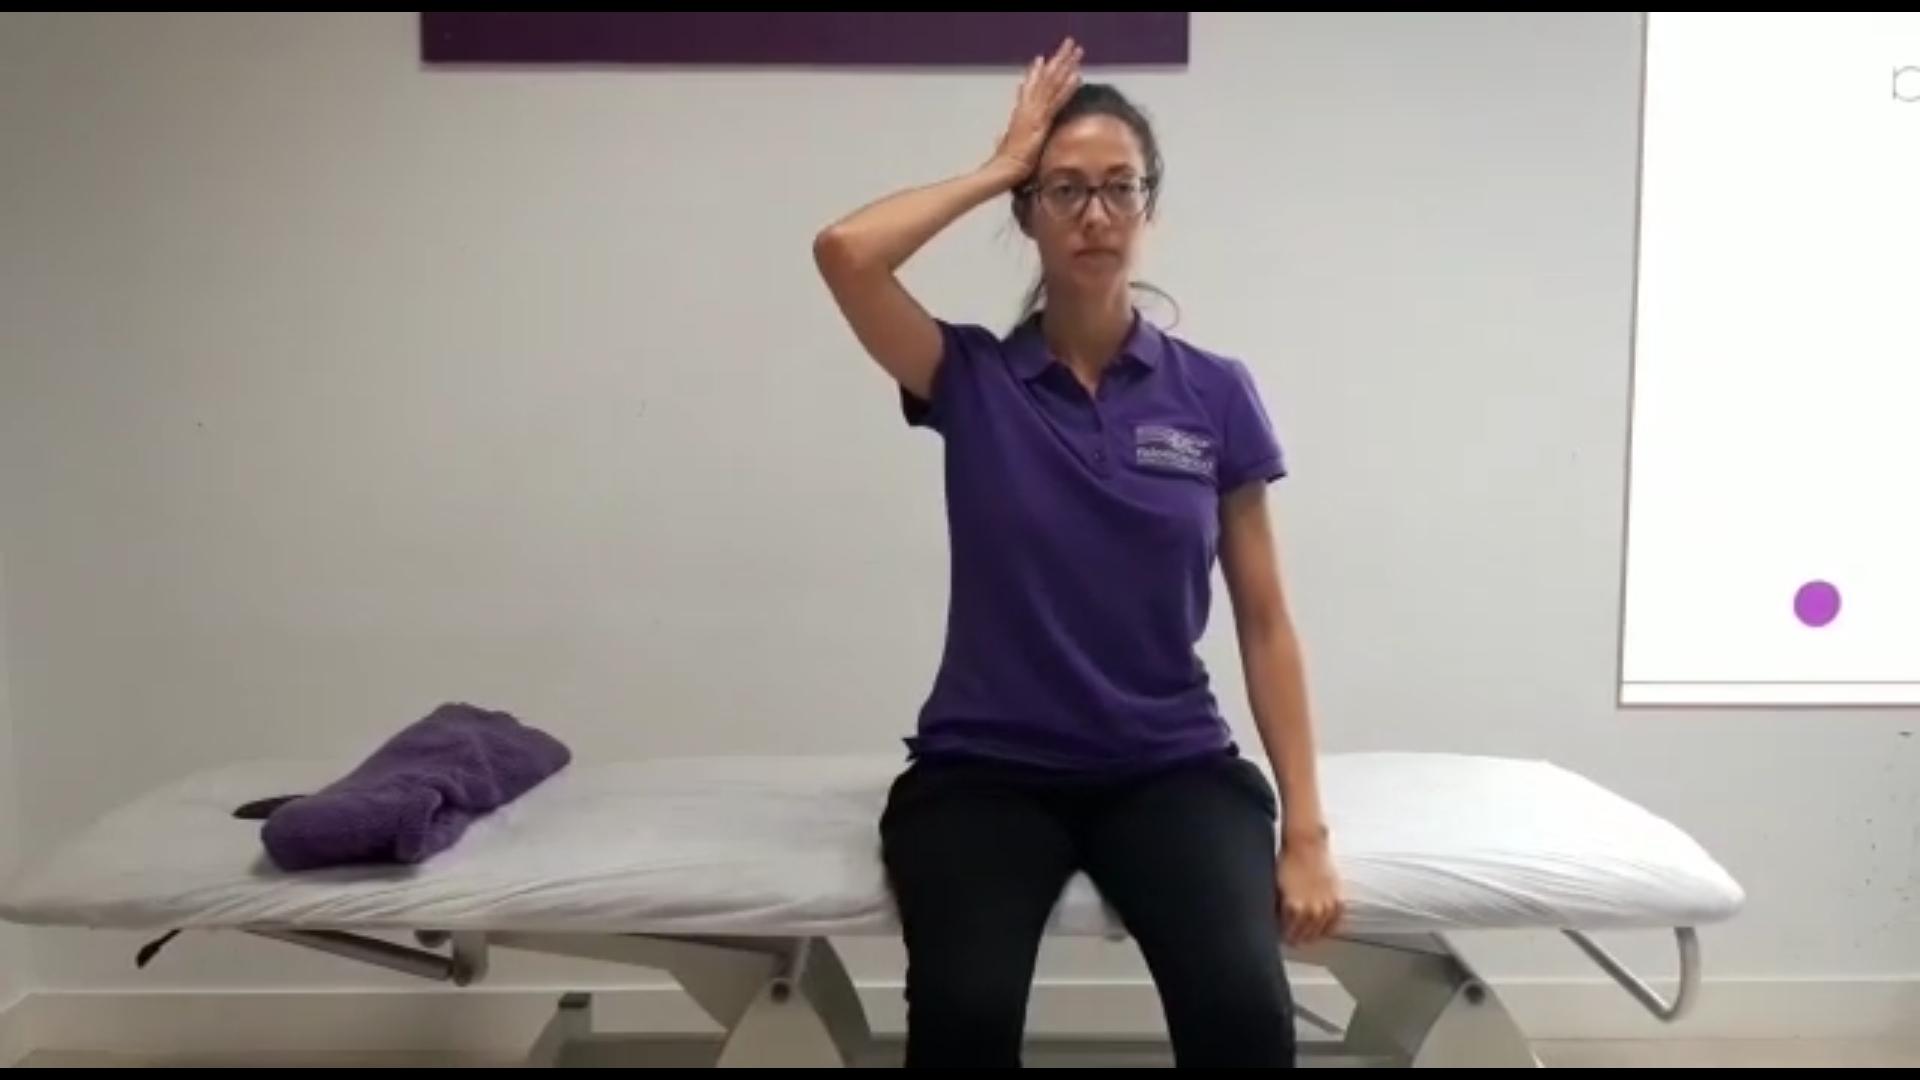 Ejercicio 2: Prevención del dolor de cuello